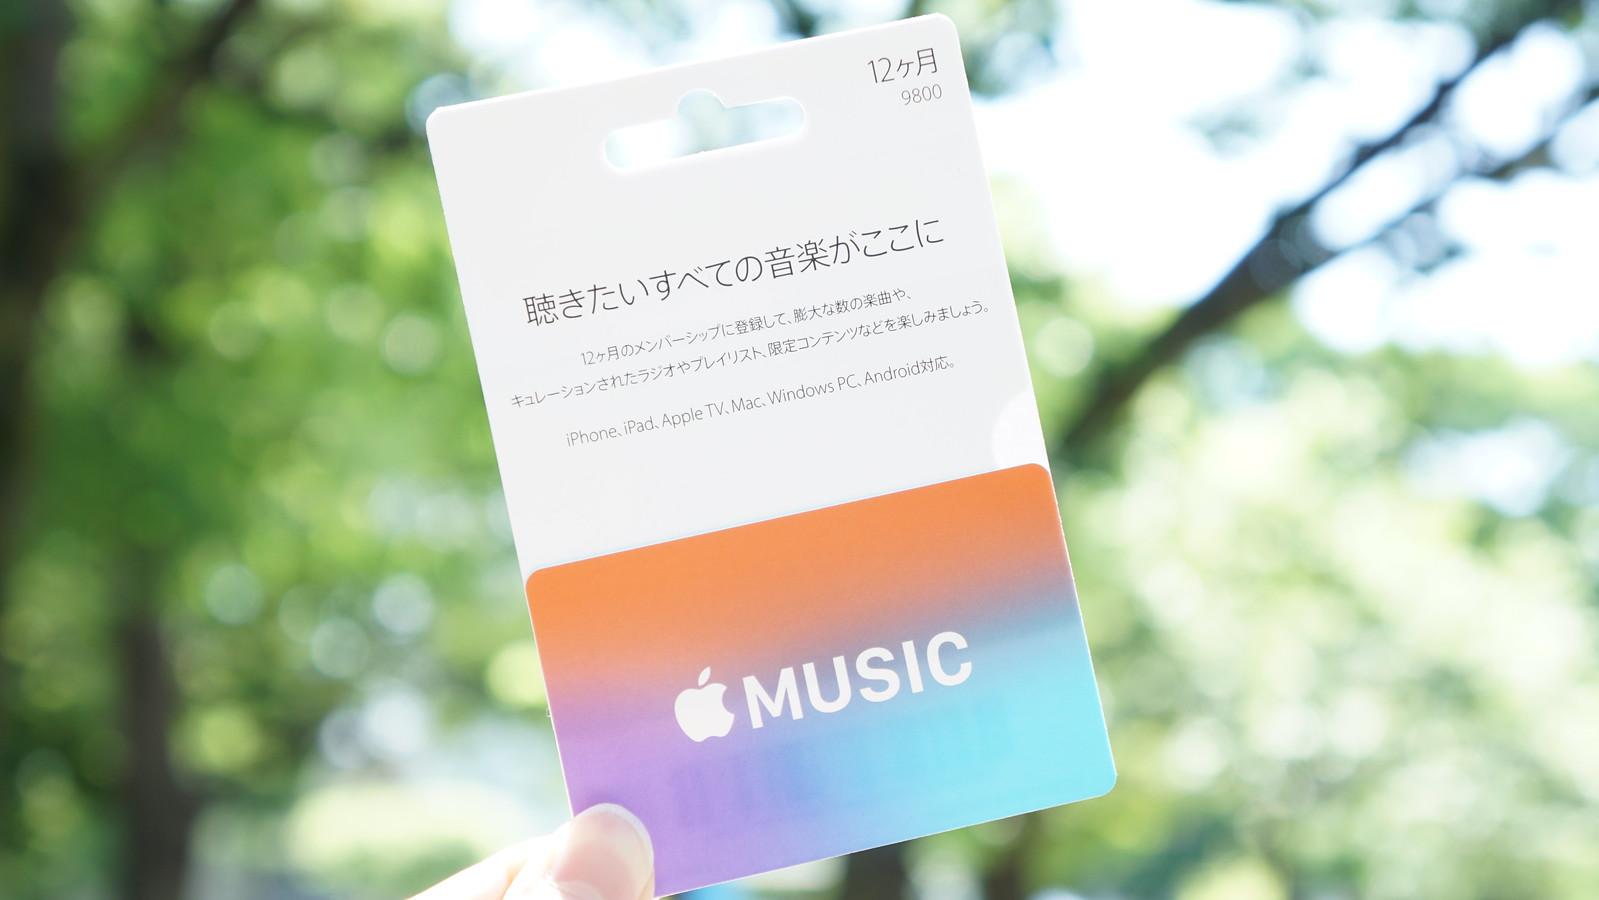 Apple Musicカードとは?